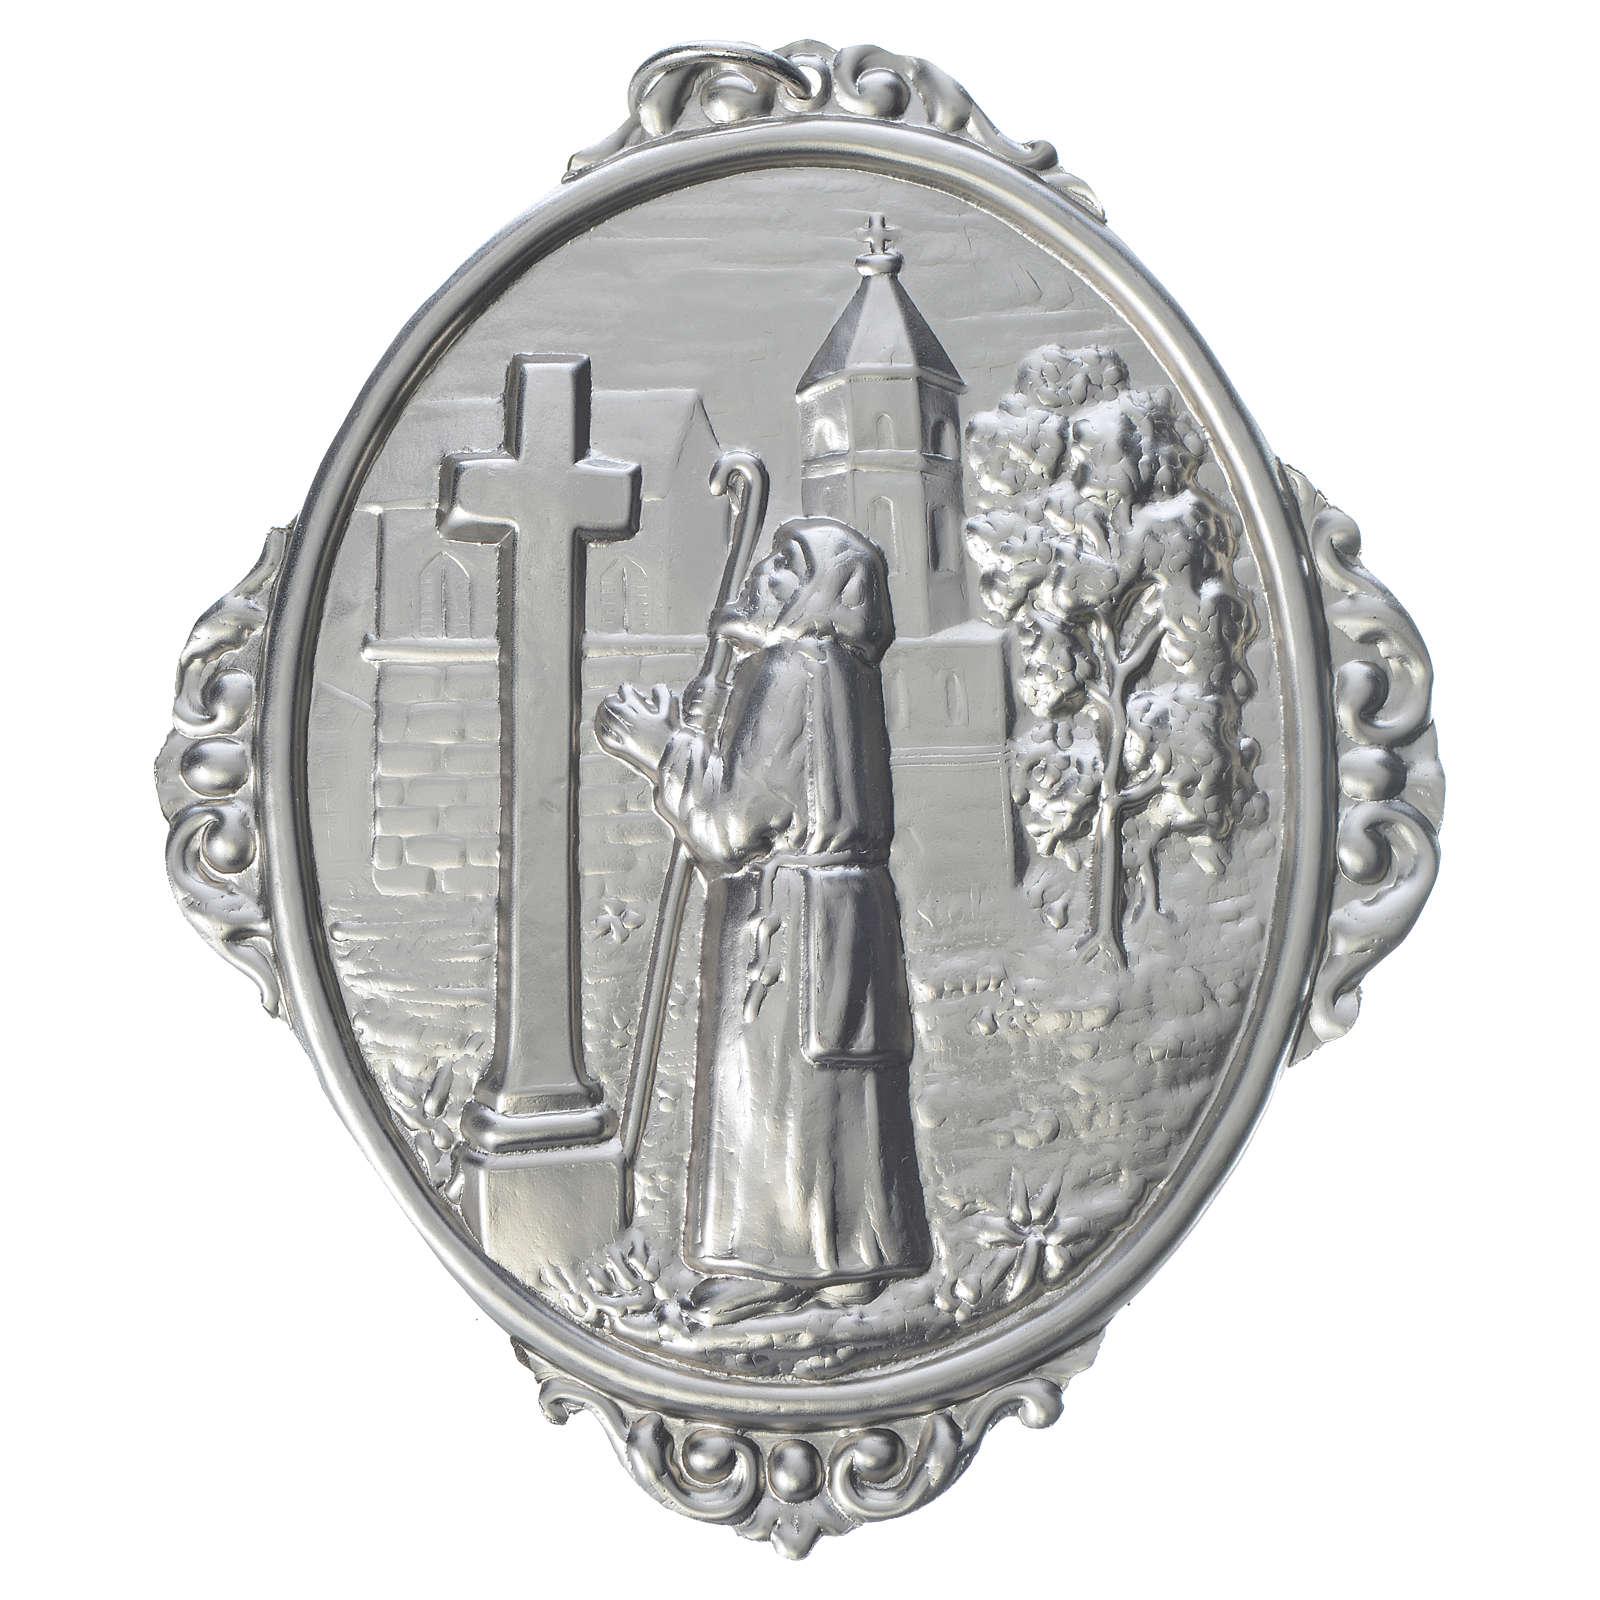 Medaglione per confraternita San Francesco di Sales in preghiera 3